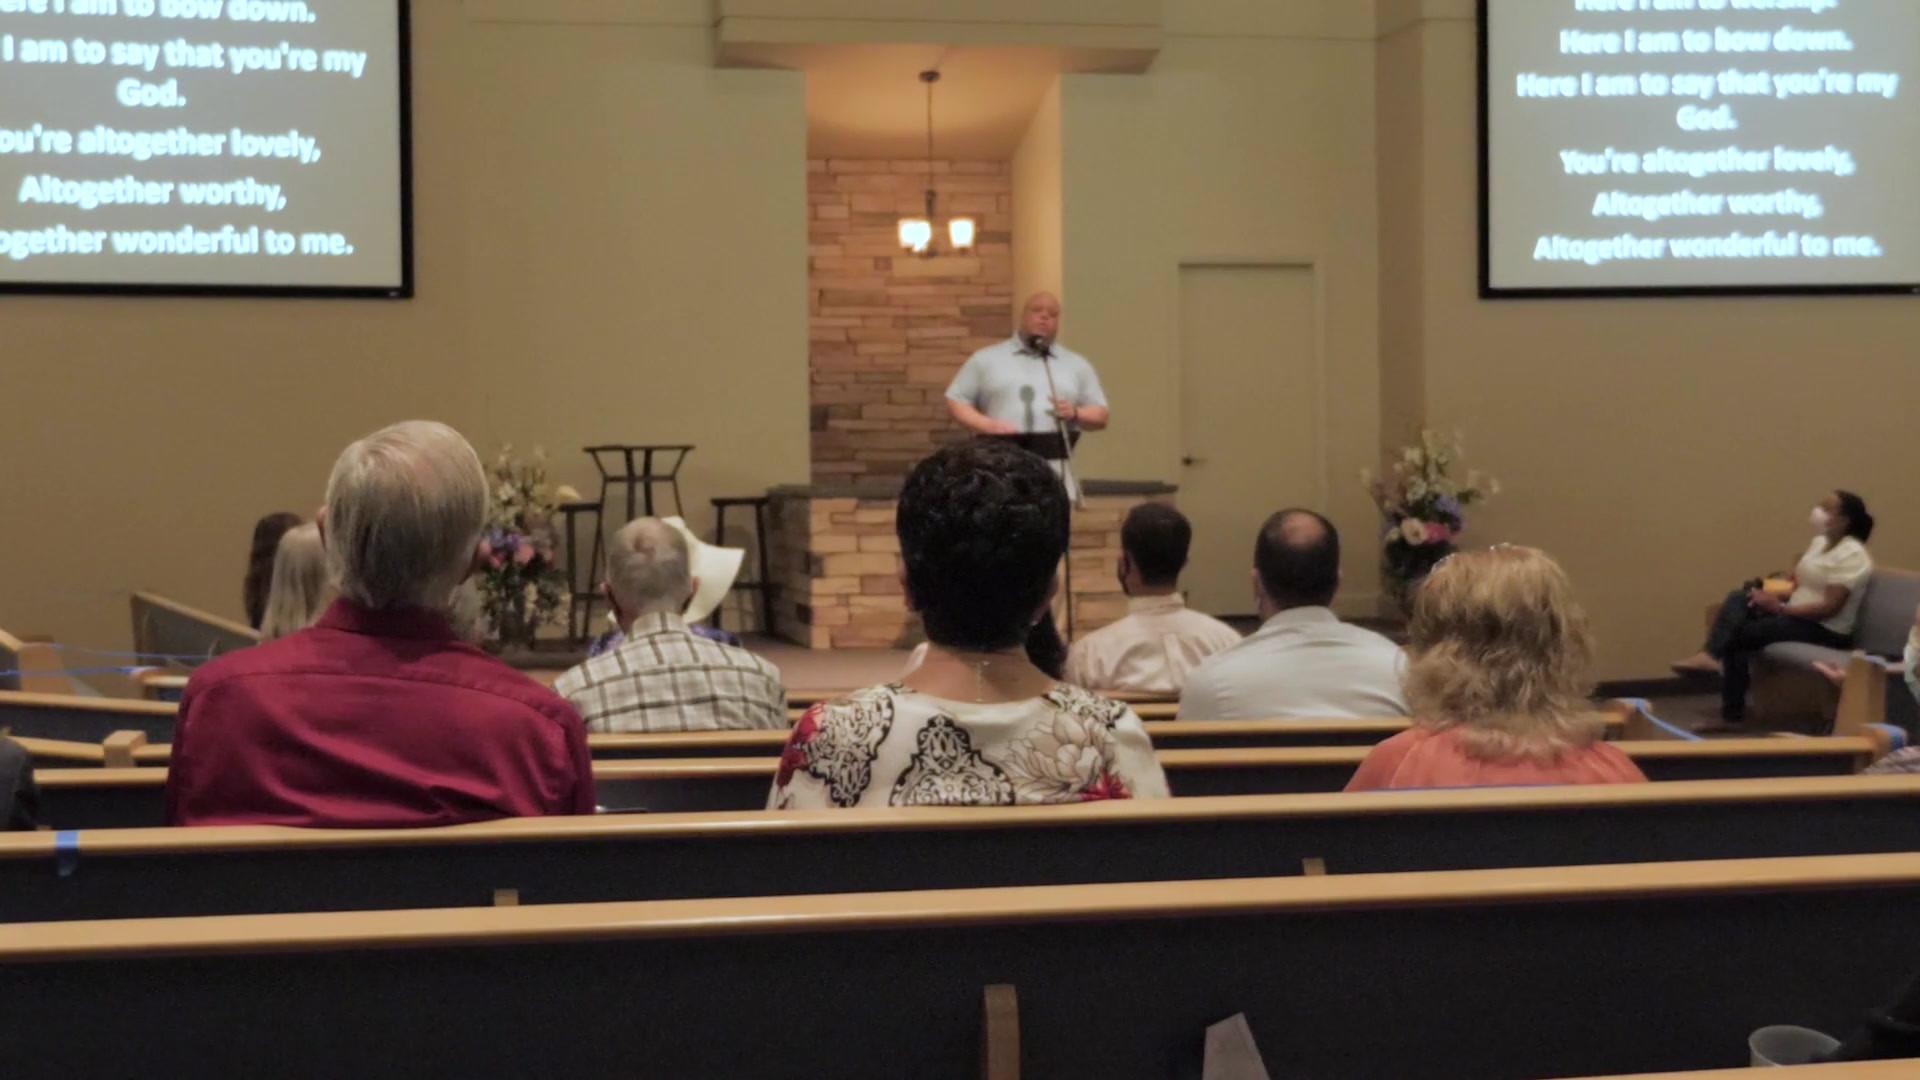 church intro video.mp4